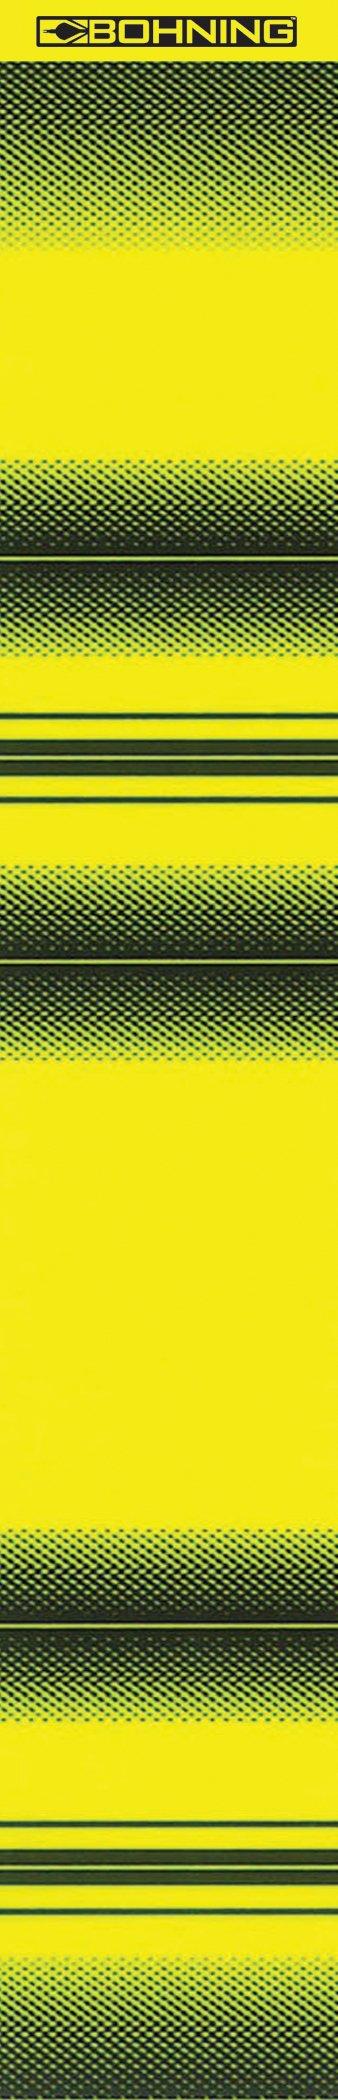 Bohning 7'' Printed Wrap 7'' Yellow Airbrush Tiger Standard Arrow Wrap, 12pk by Bohning